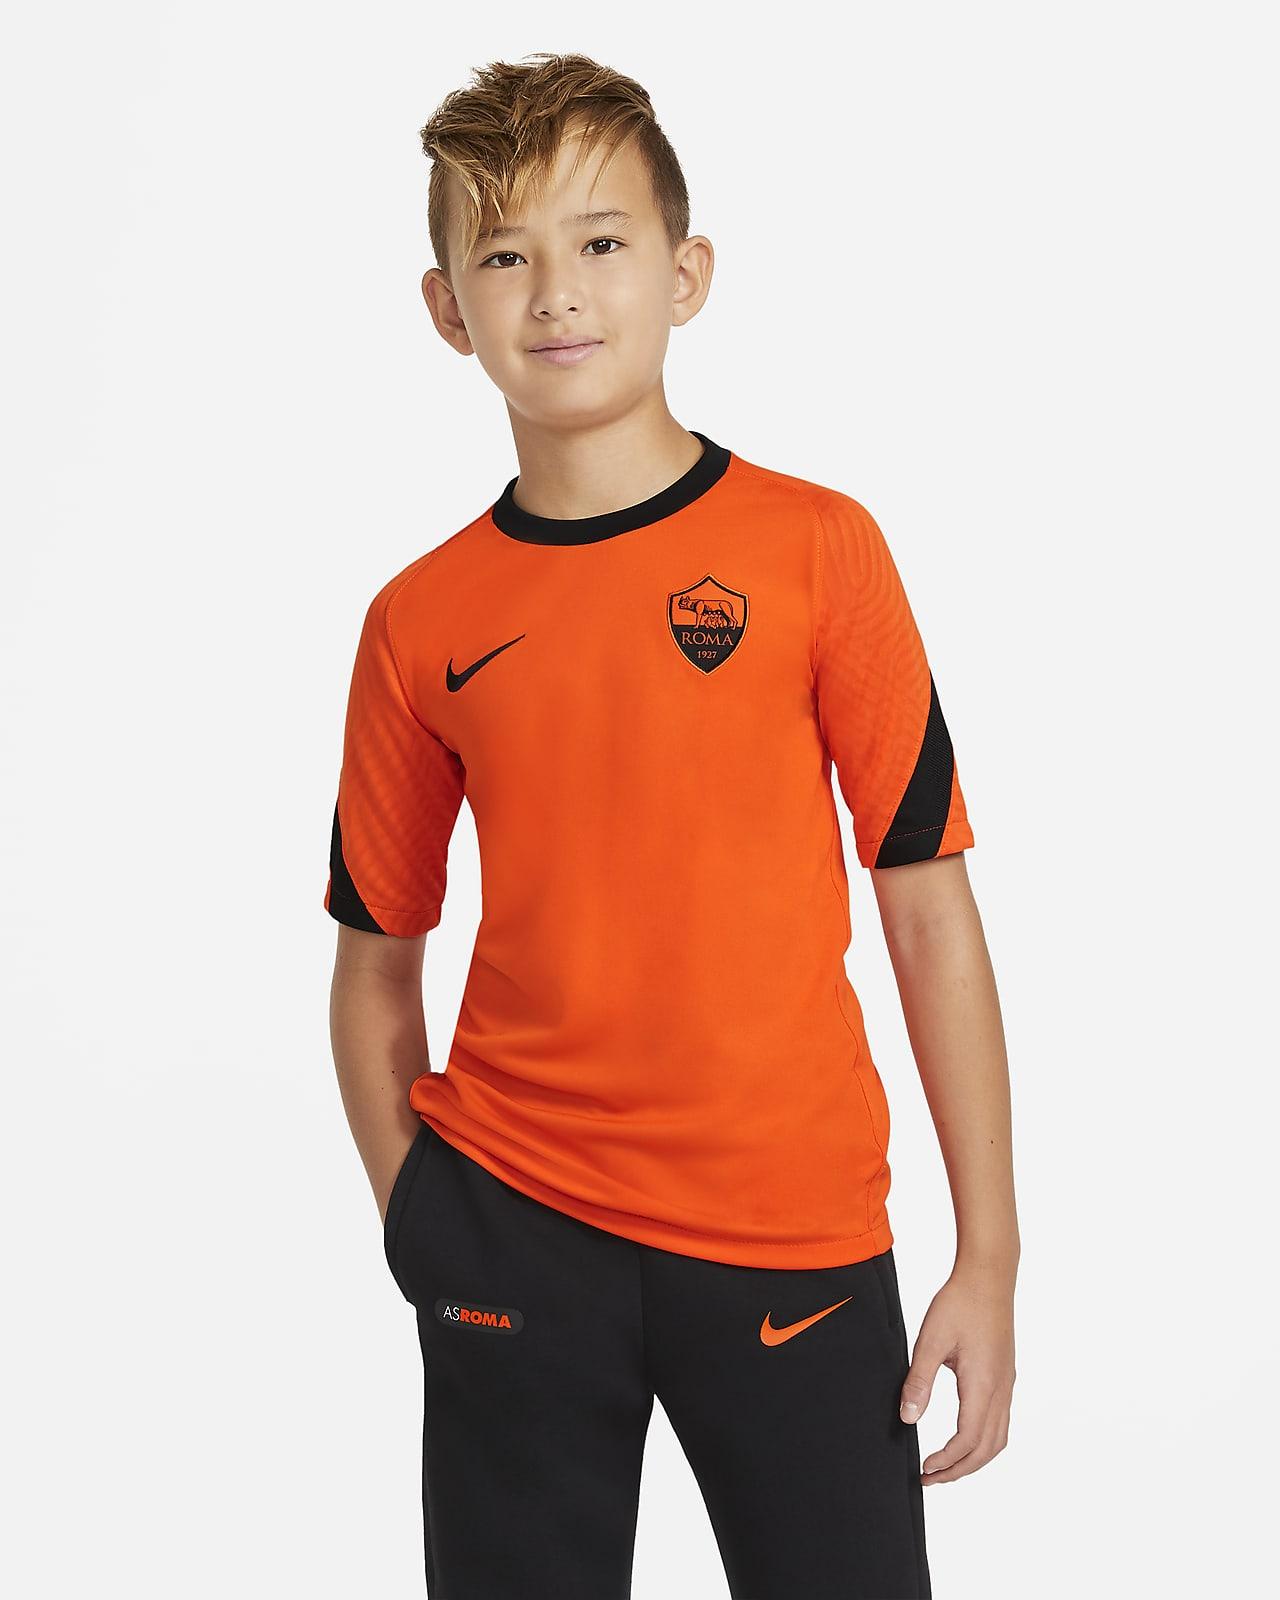 Fotbalové tričko AS Řím Strike skrátkým rukávem pro větší děti